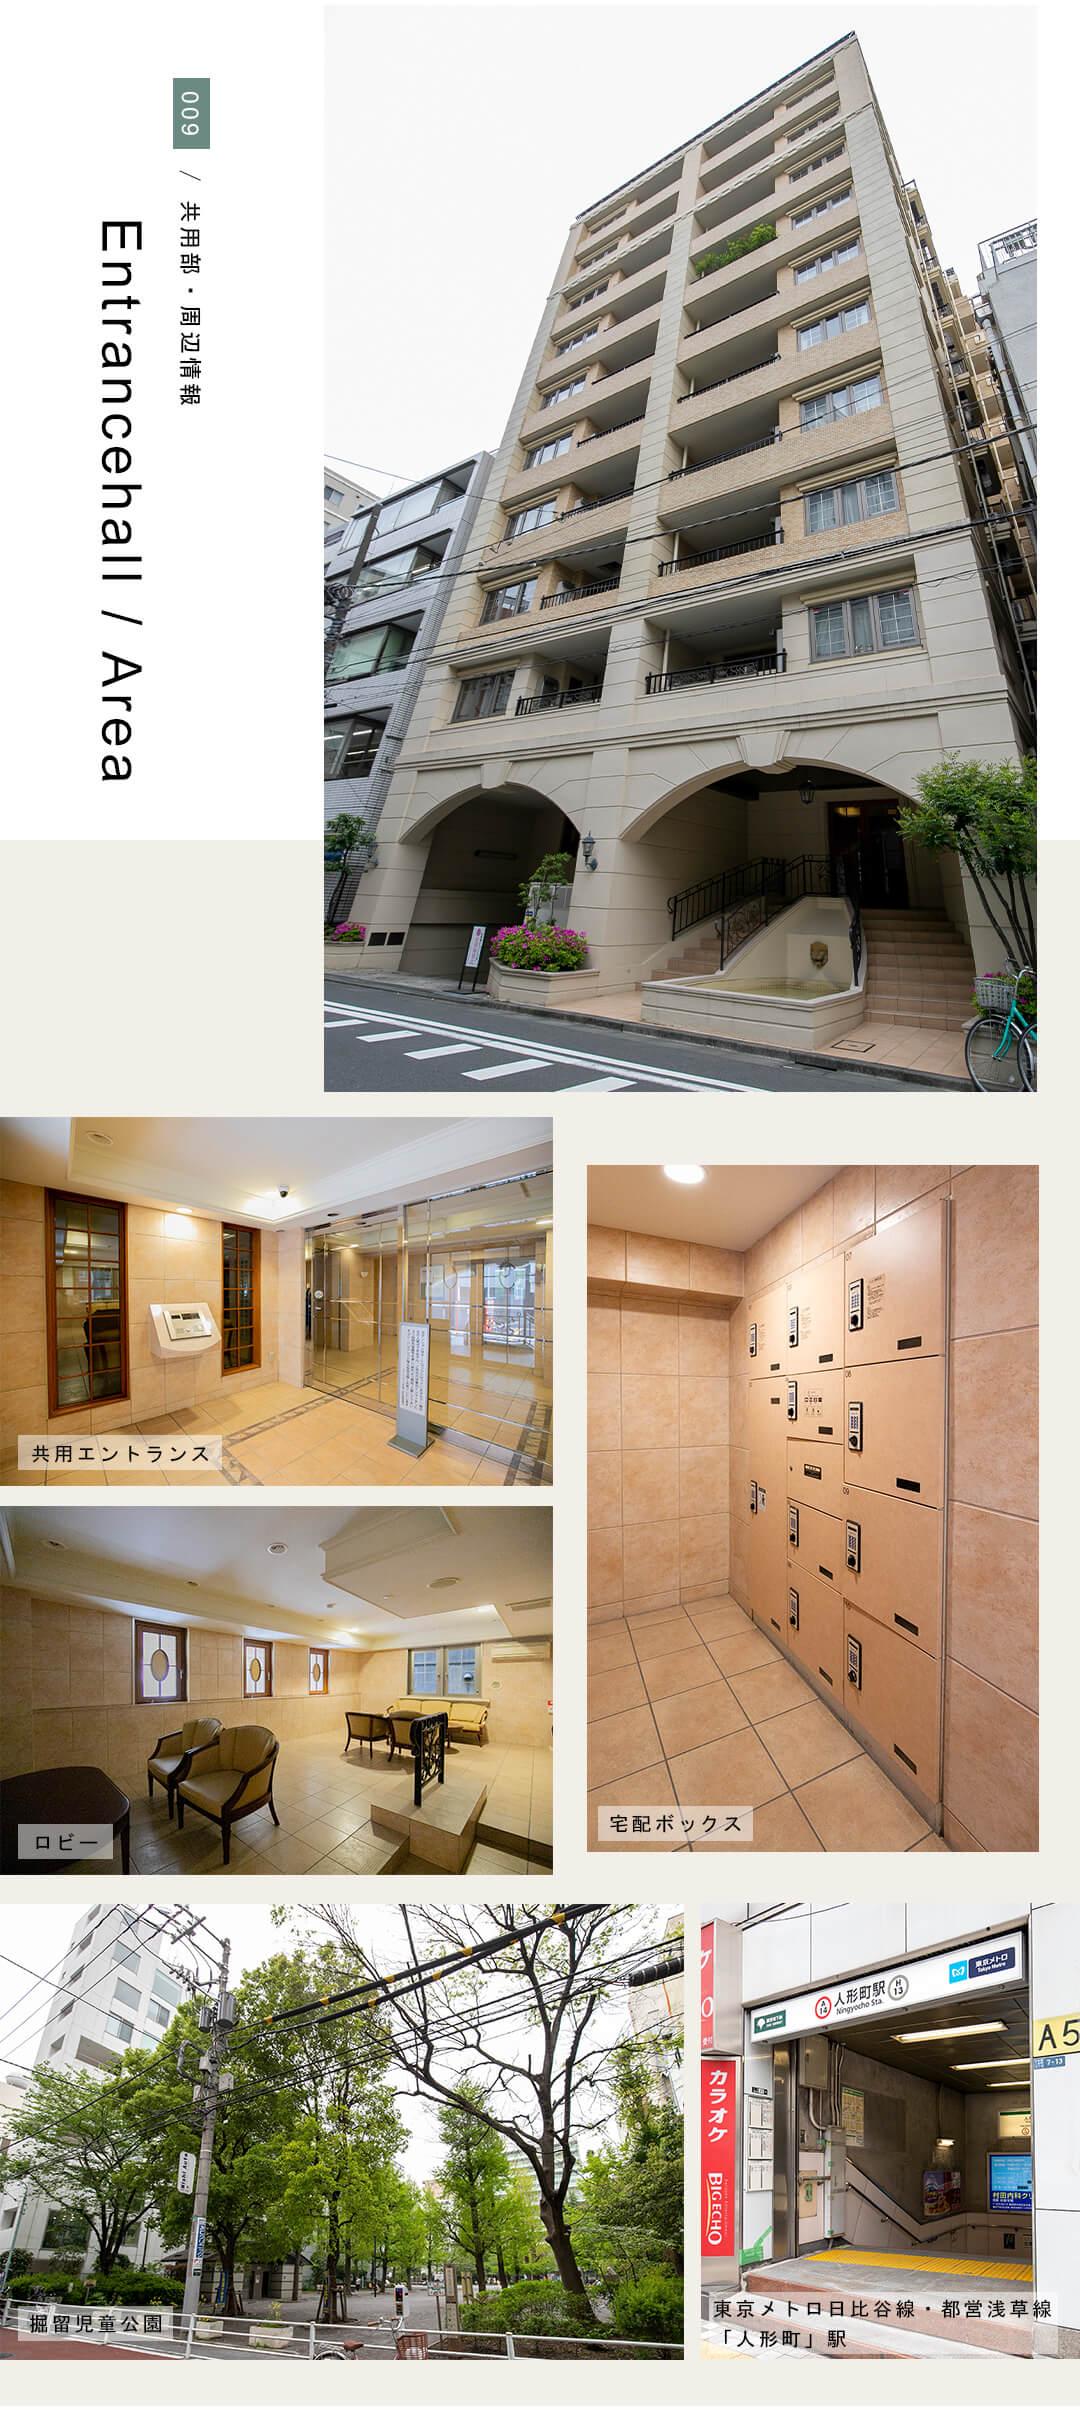 グランシティ日本橋人形町の外観と共用エントランスと周辺情報